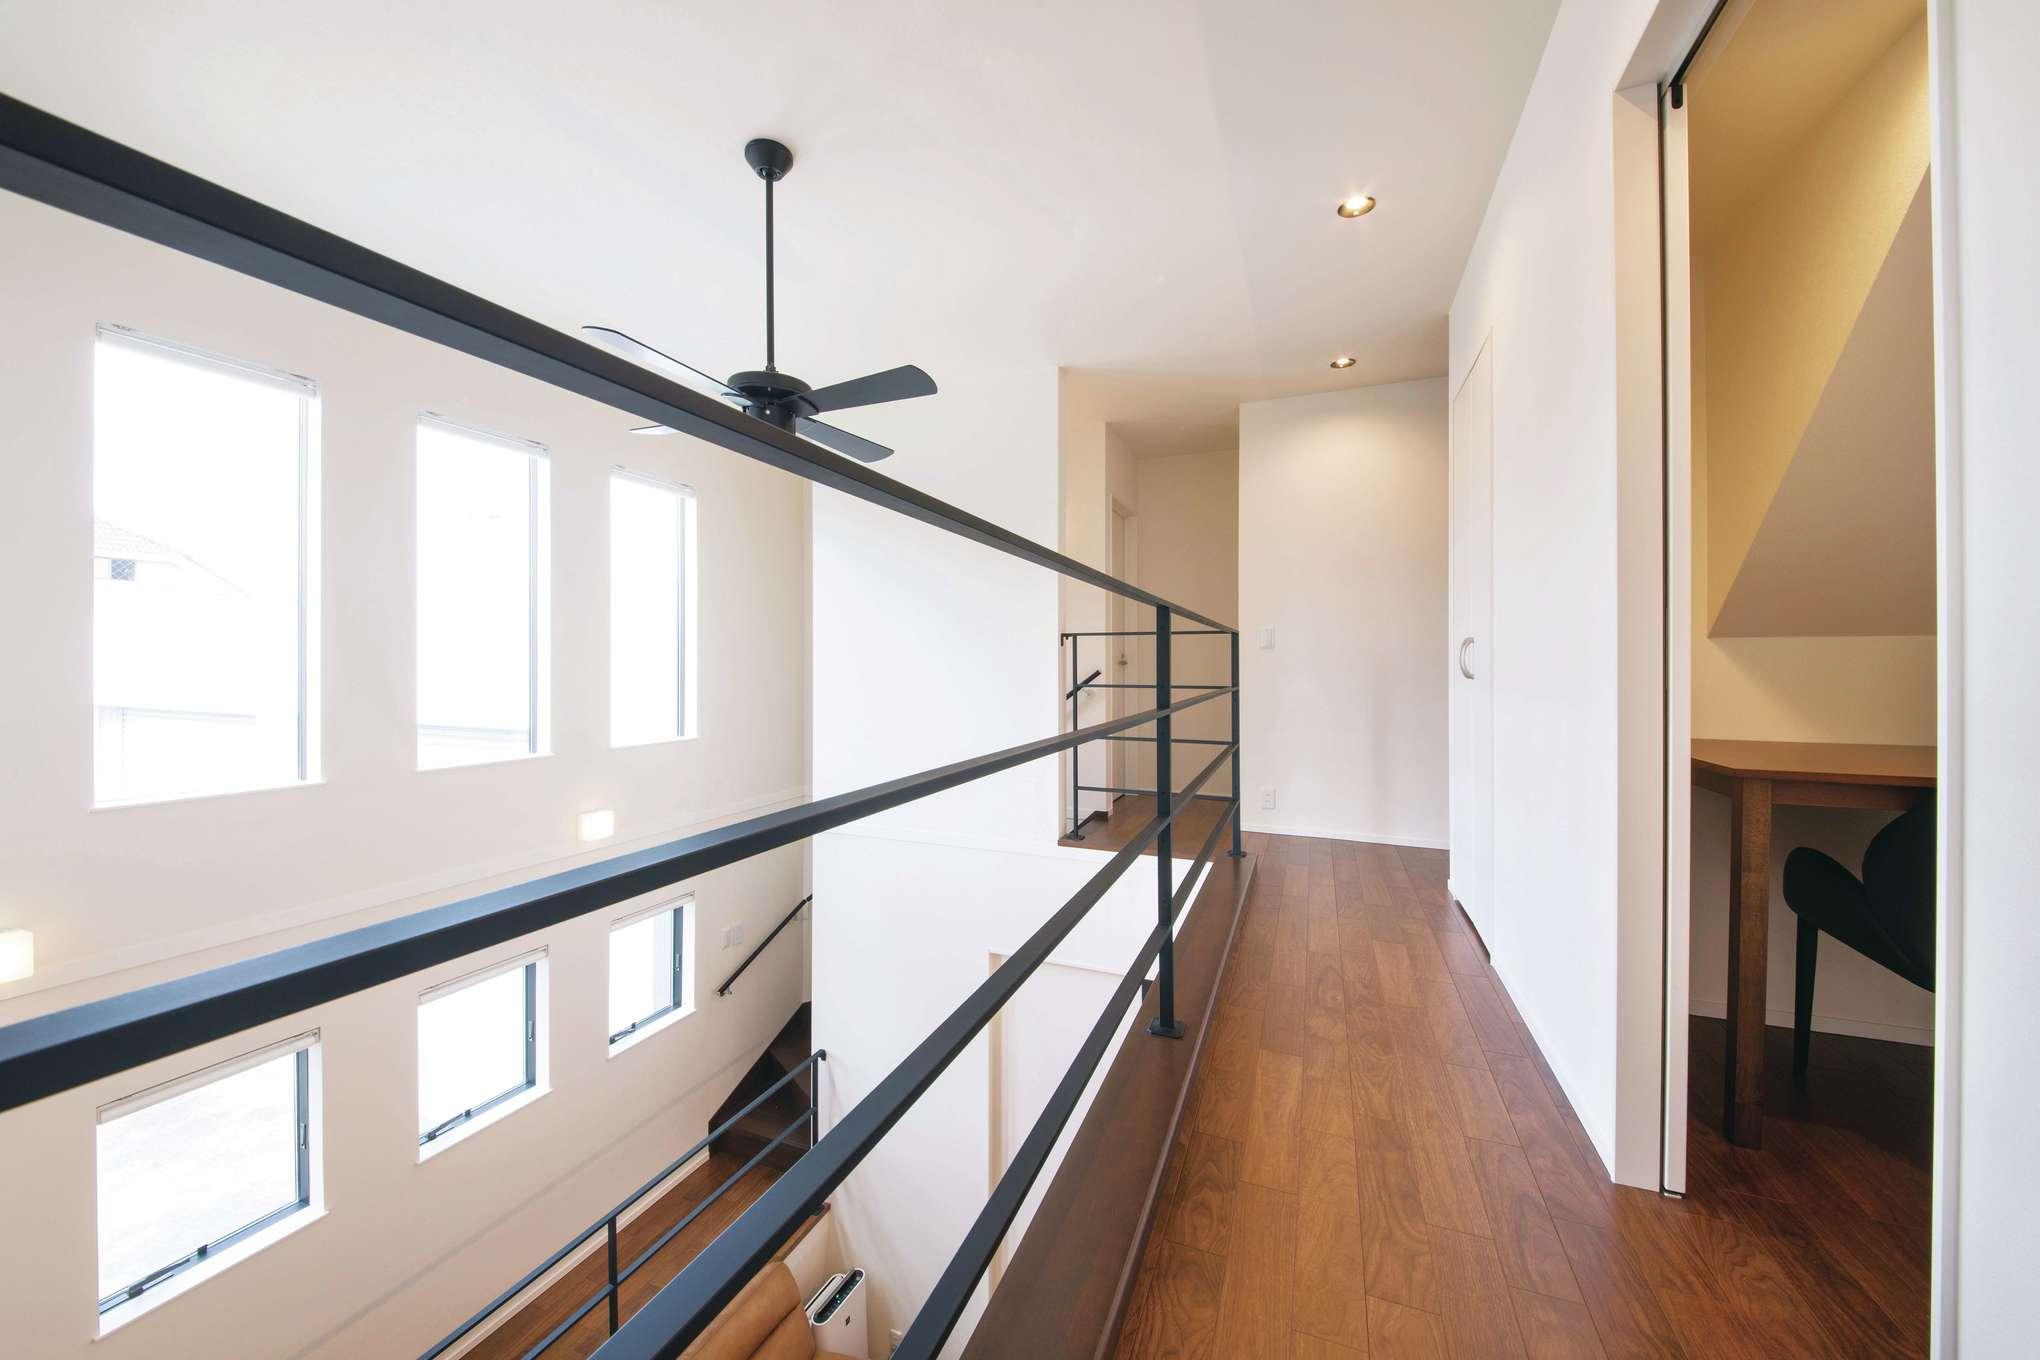 幸和ハウジング【デザイン住宅、屋上バルコニー、インテリア】吹き抜けを通して家族の気配が伝わる。ホールには書斎や収納を完備